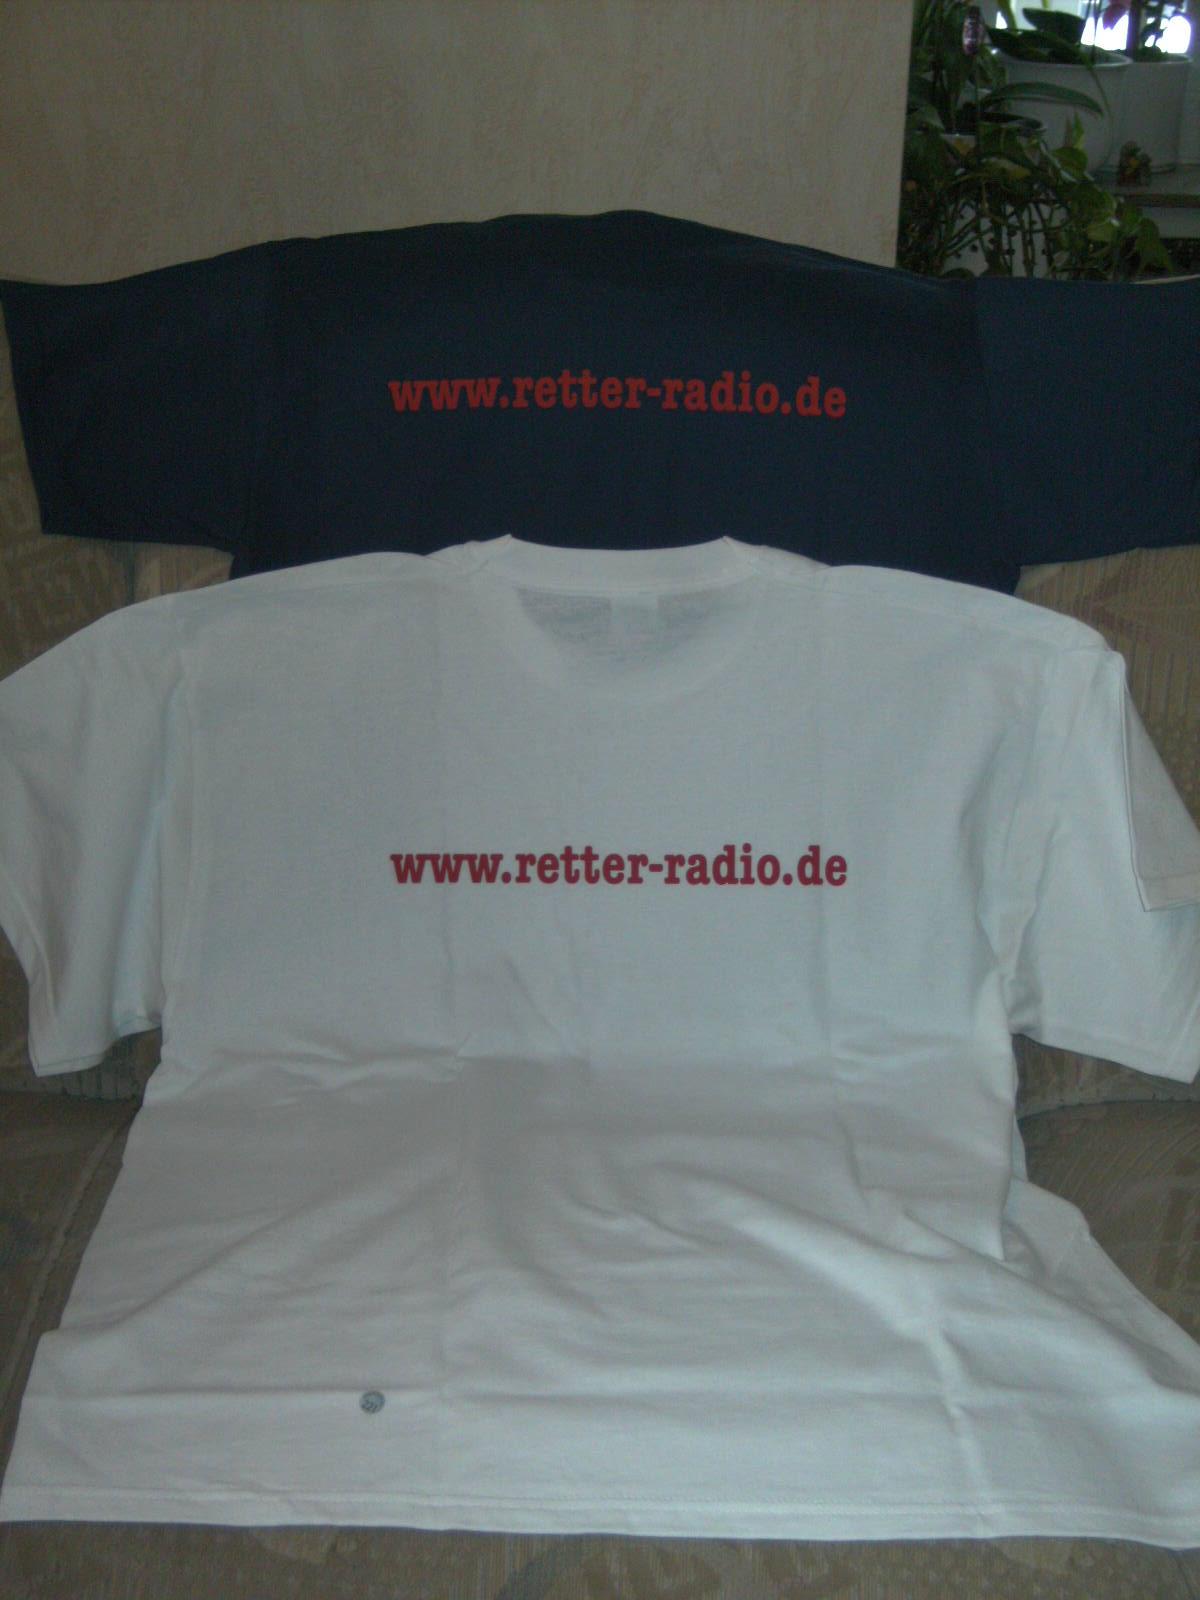 http://www.retter-radio.de/t-shirts/t-shirt2.jpg